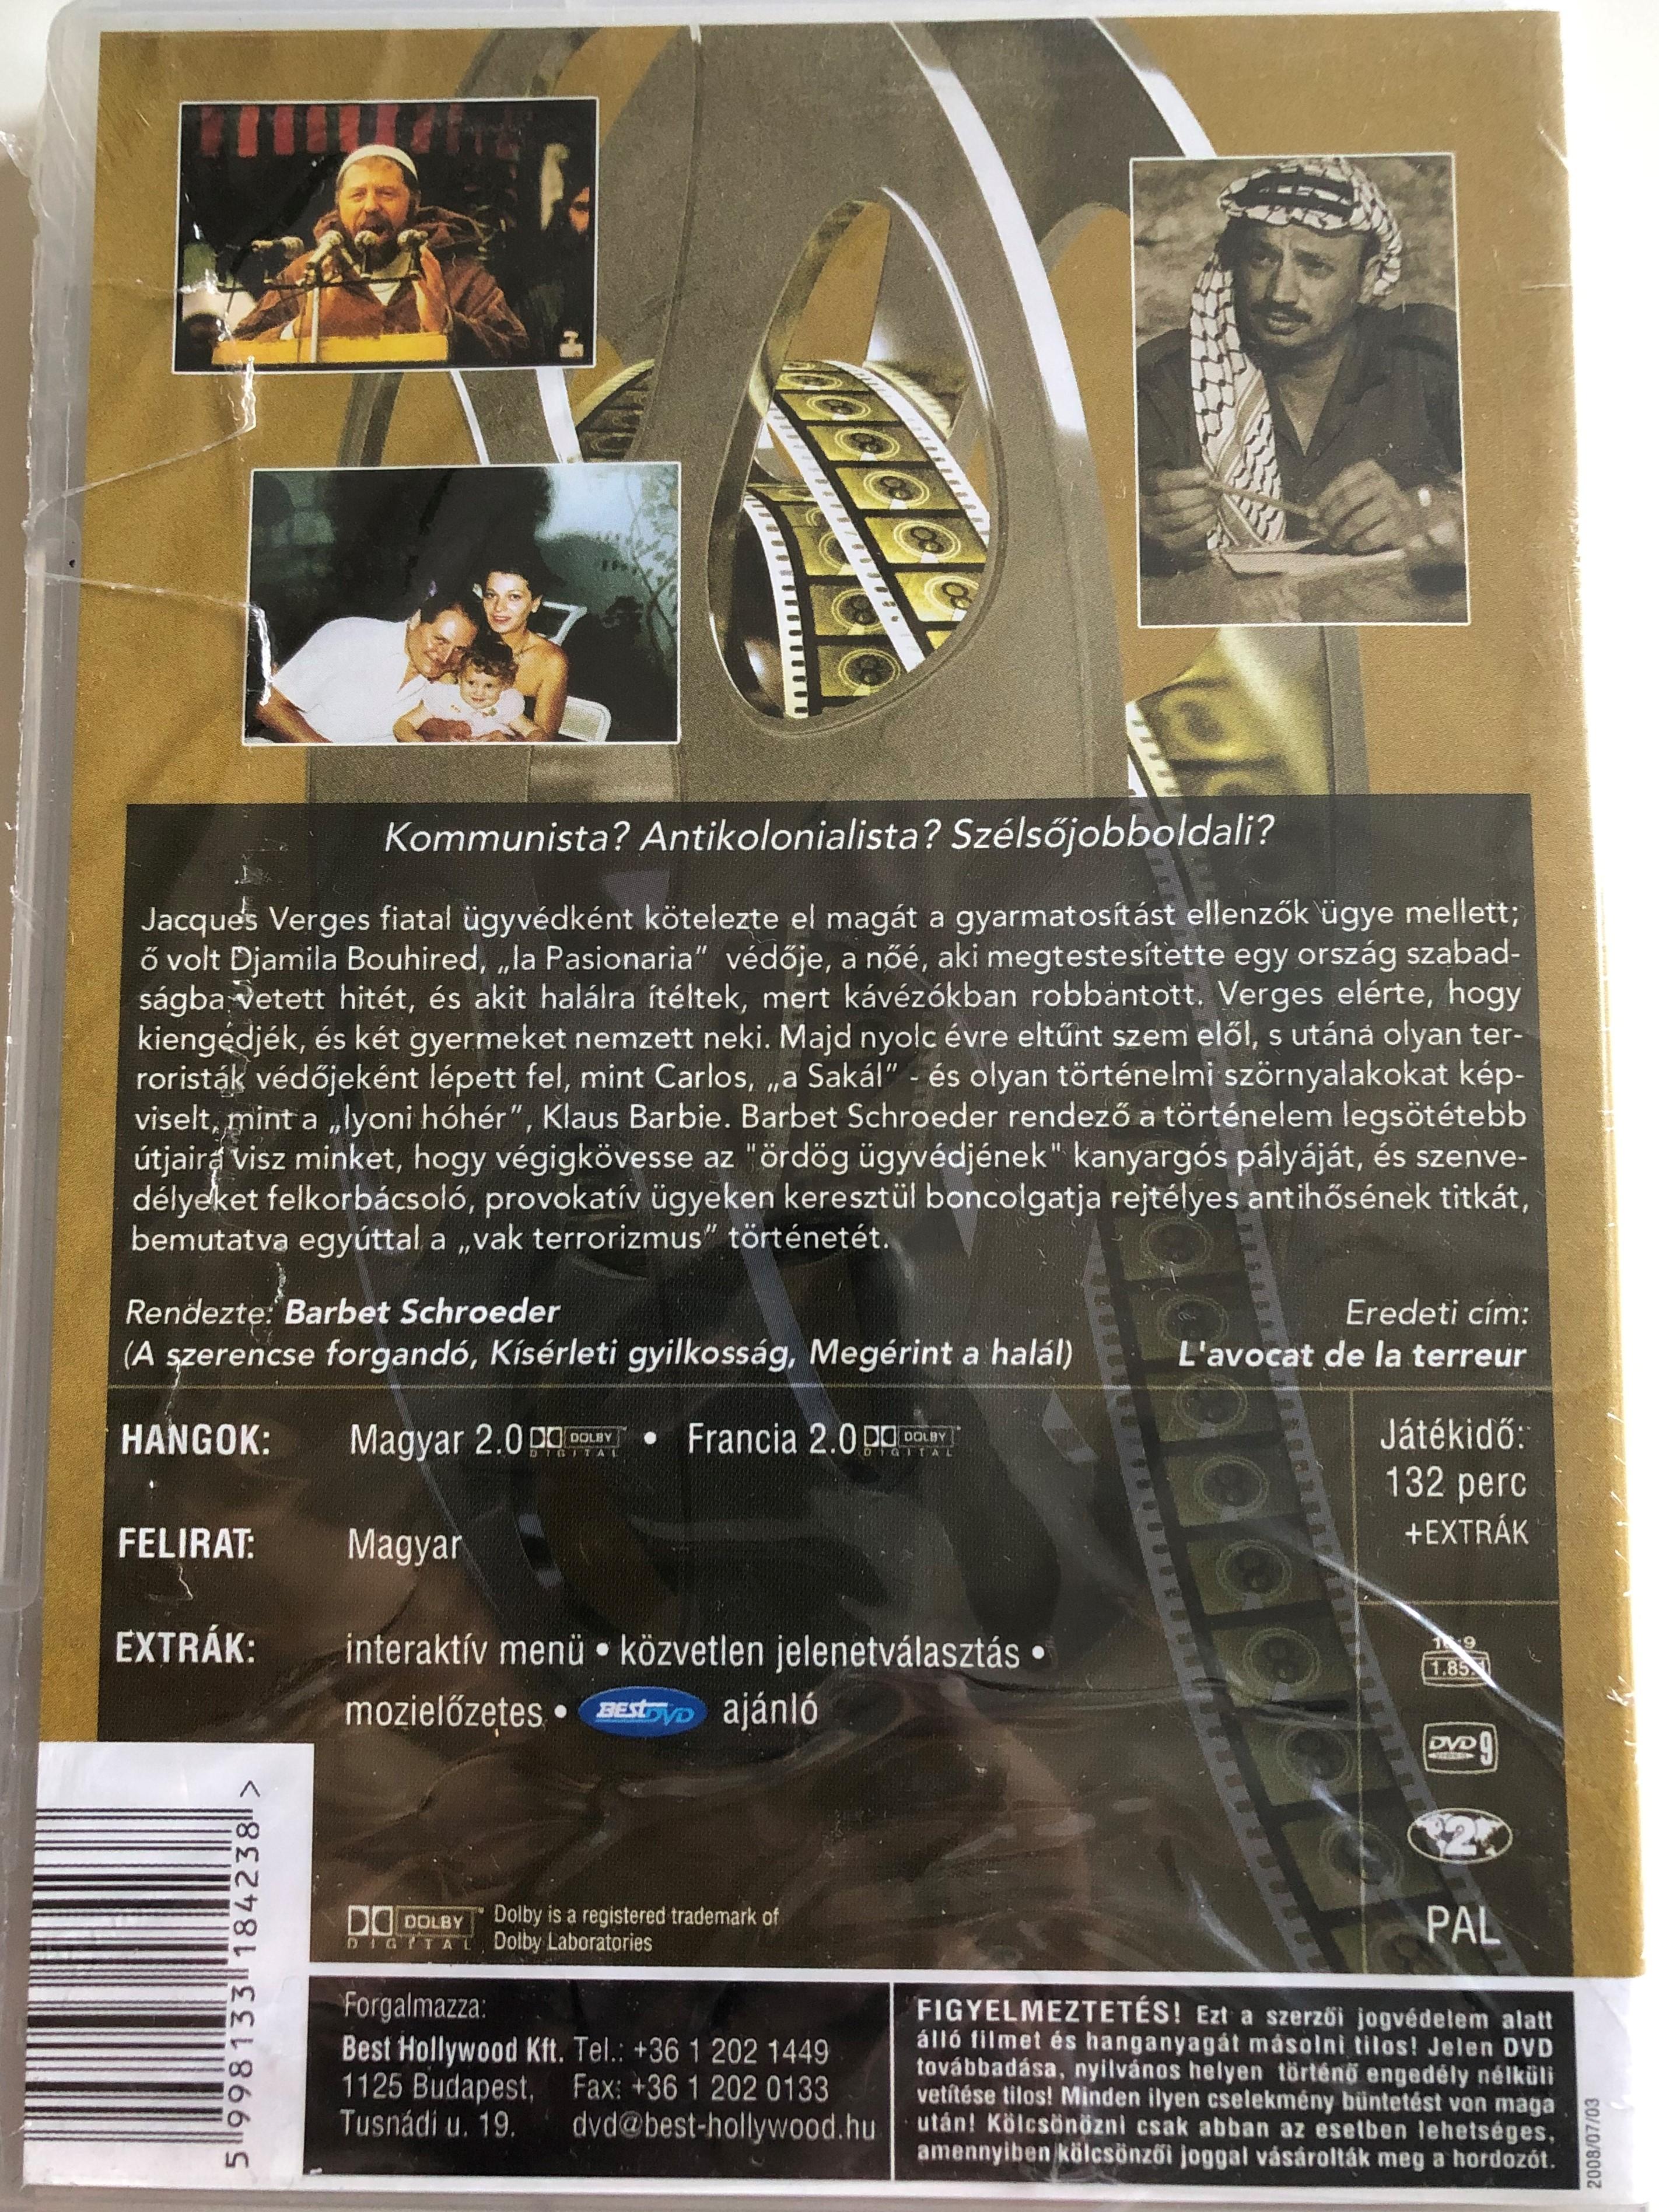 l-avocat-de-la-terreur-dvd-2007-a-terror-gyv-dje-terror-s-advocate-2.jpg